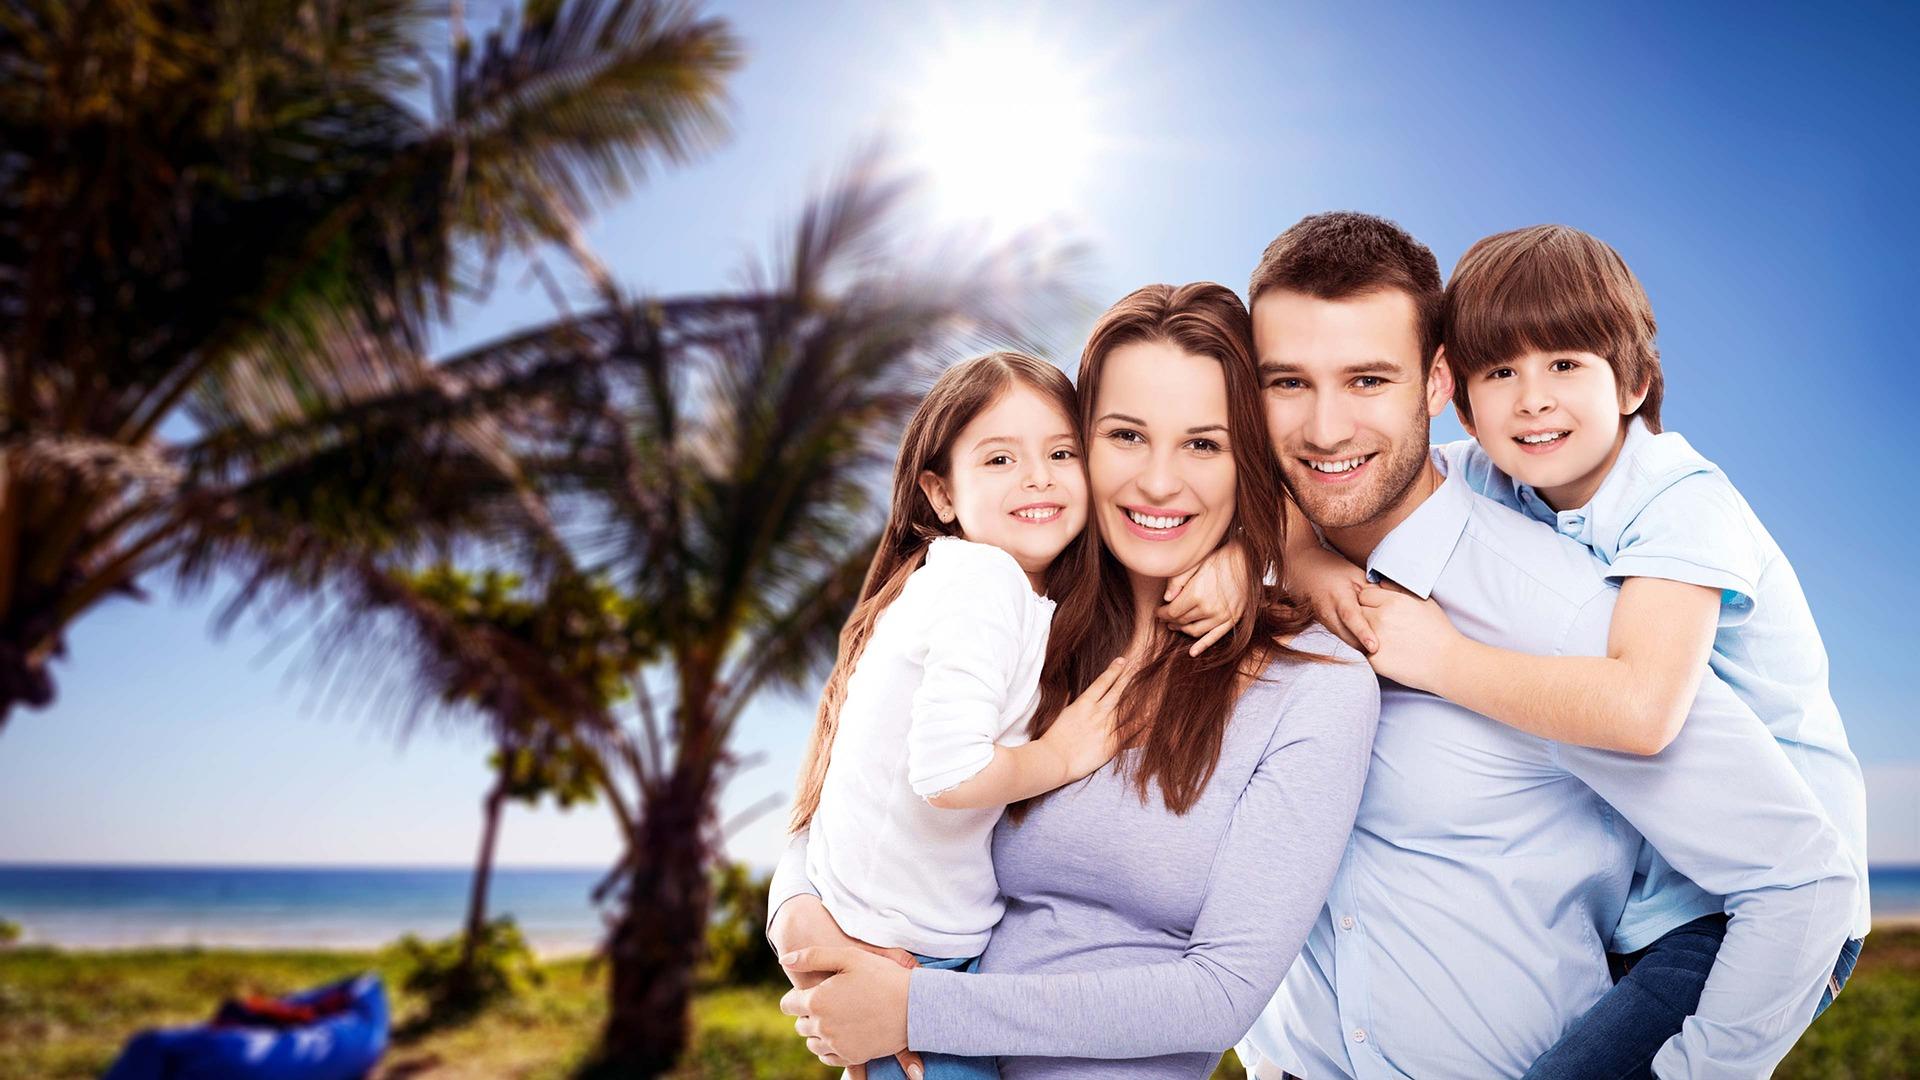 family-3400033_1920.jpg